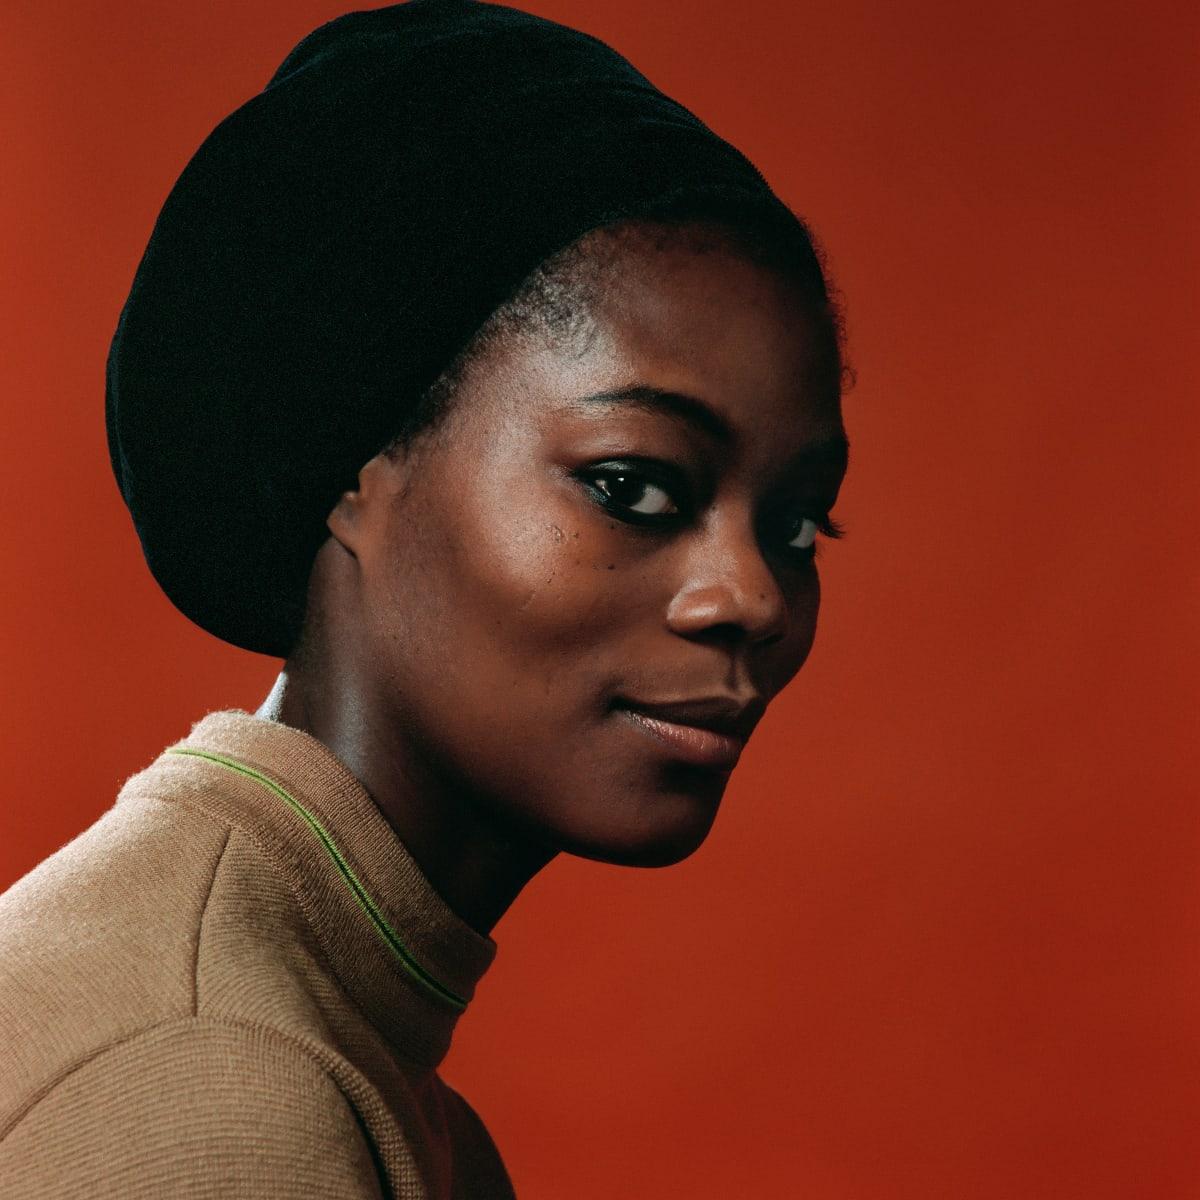 Kwame Brathwaite, Untitled (Ethel Parks at AJASS Studios photoshoot), 1969 c. printed 2018